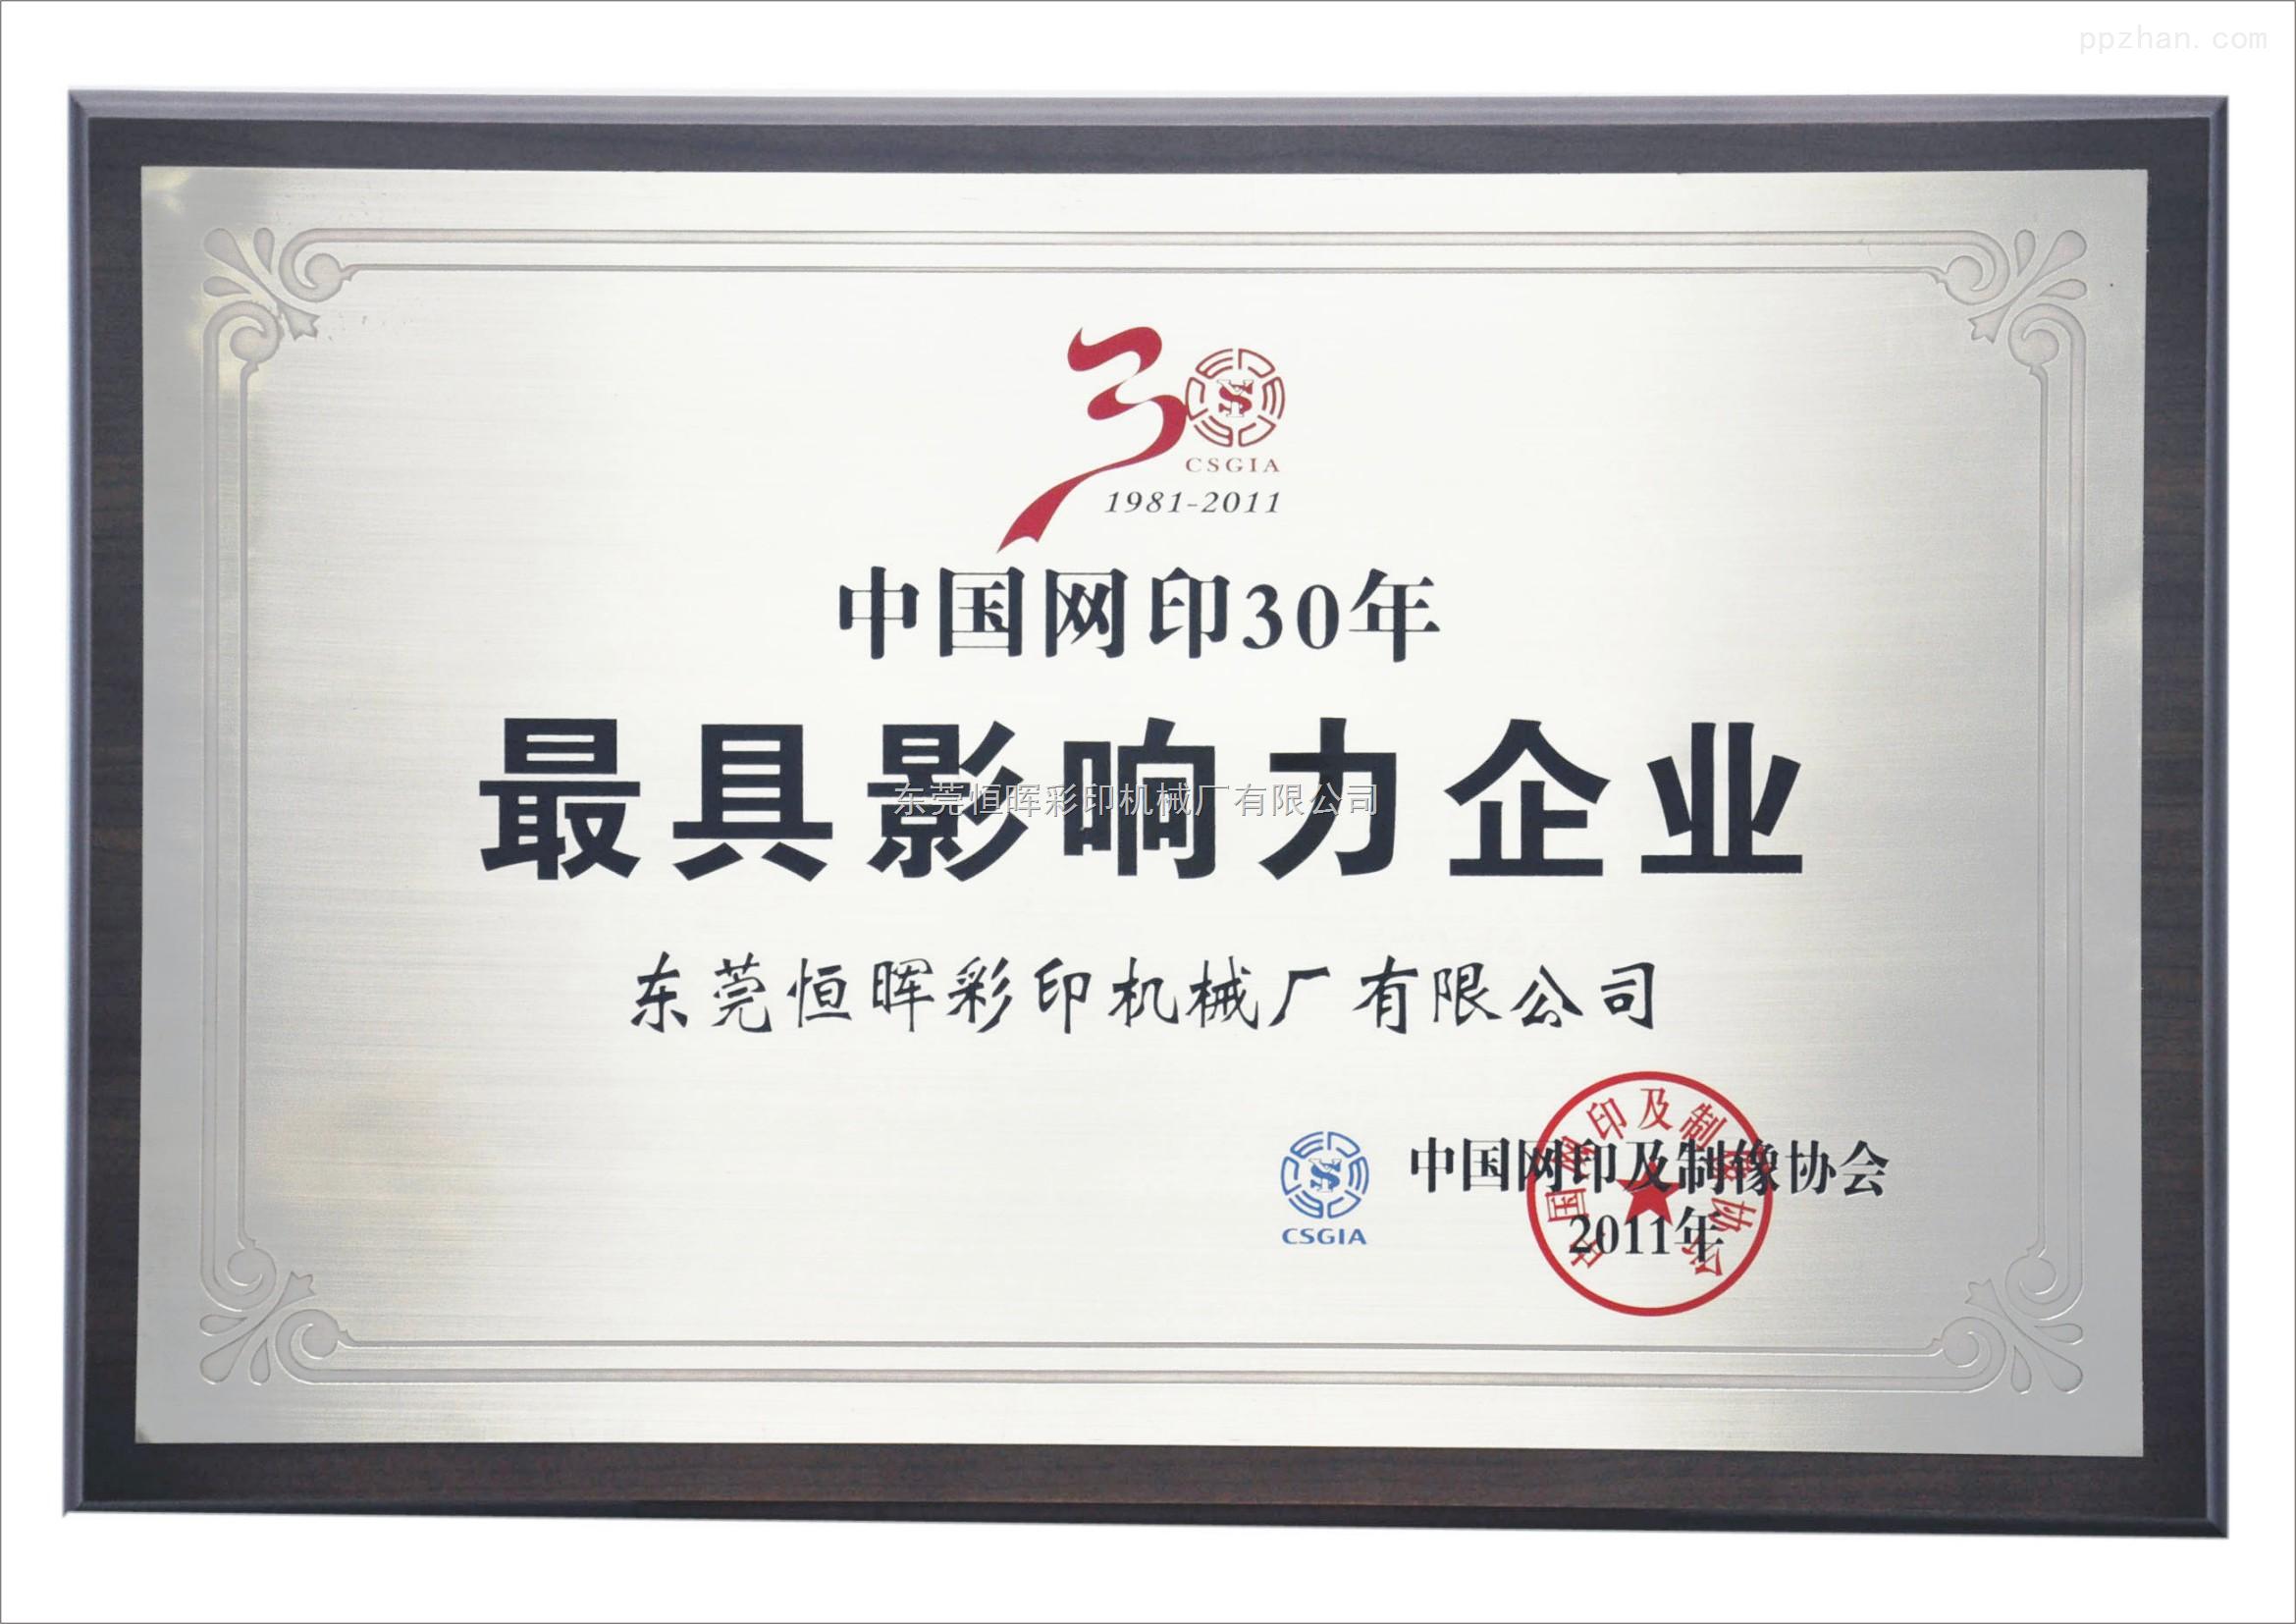 恒晖-中国网印30年zui具影响力企业